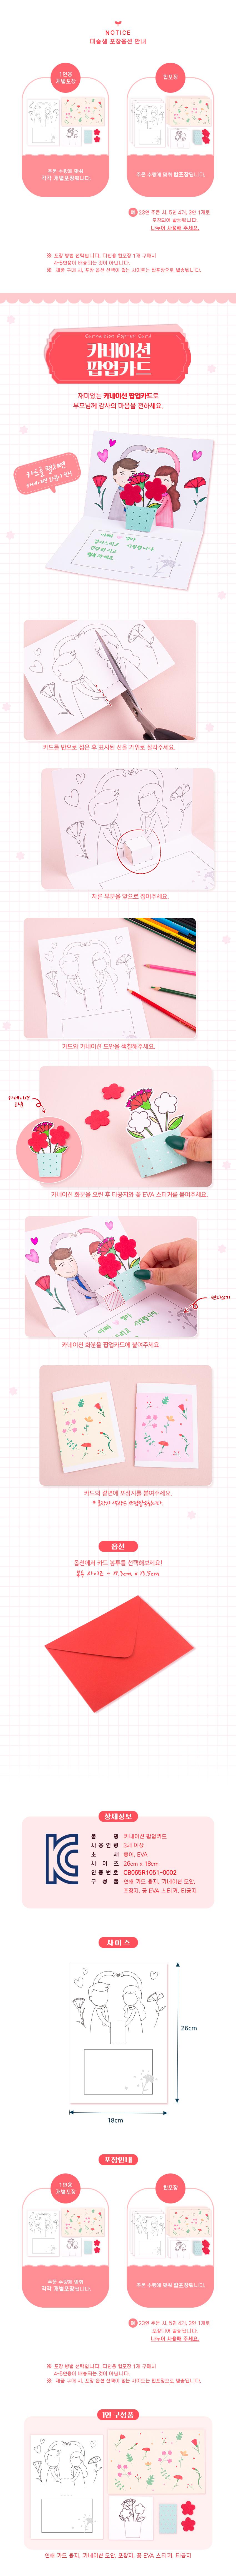 카네이션 팝업카드  5인용 (카드+봉투) - 미술샘, 8,500원, 종이공예/북아트, 카드 패키지